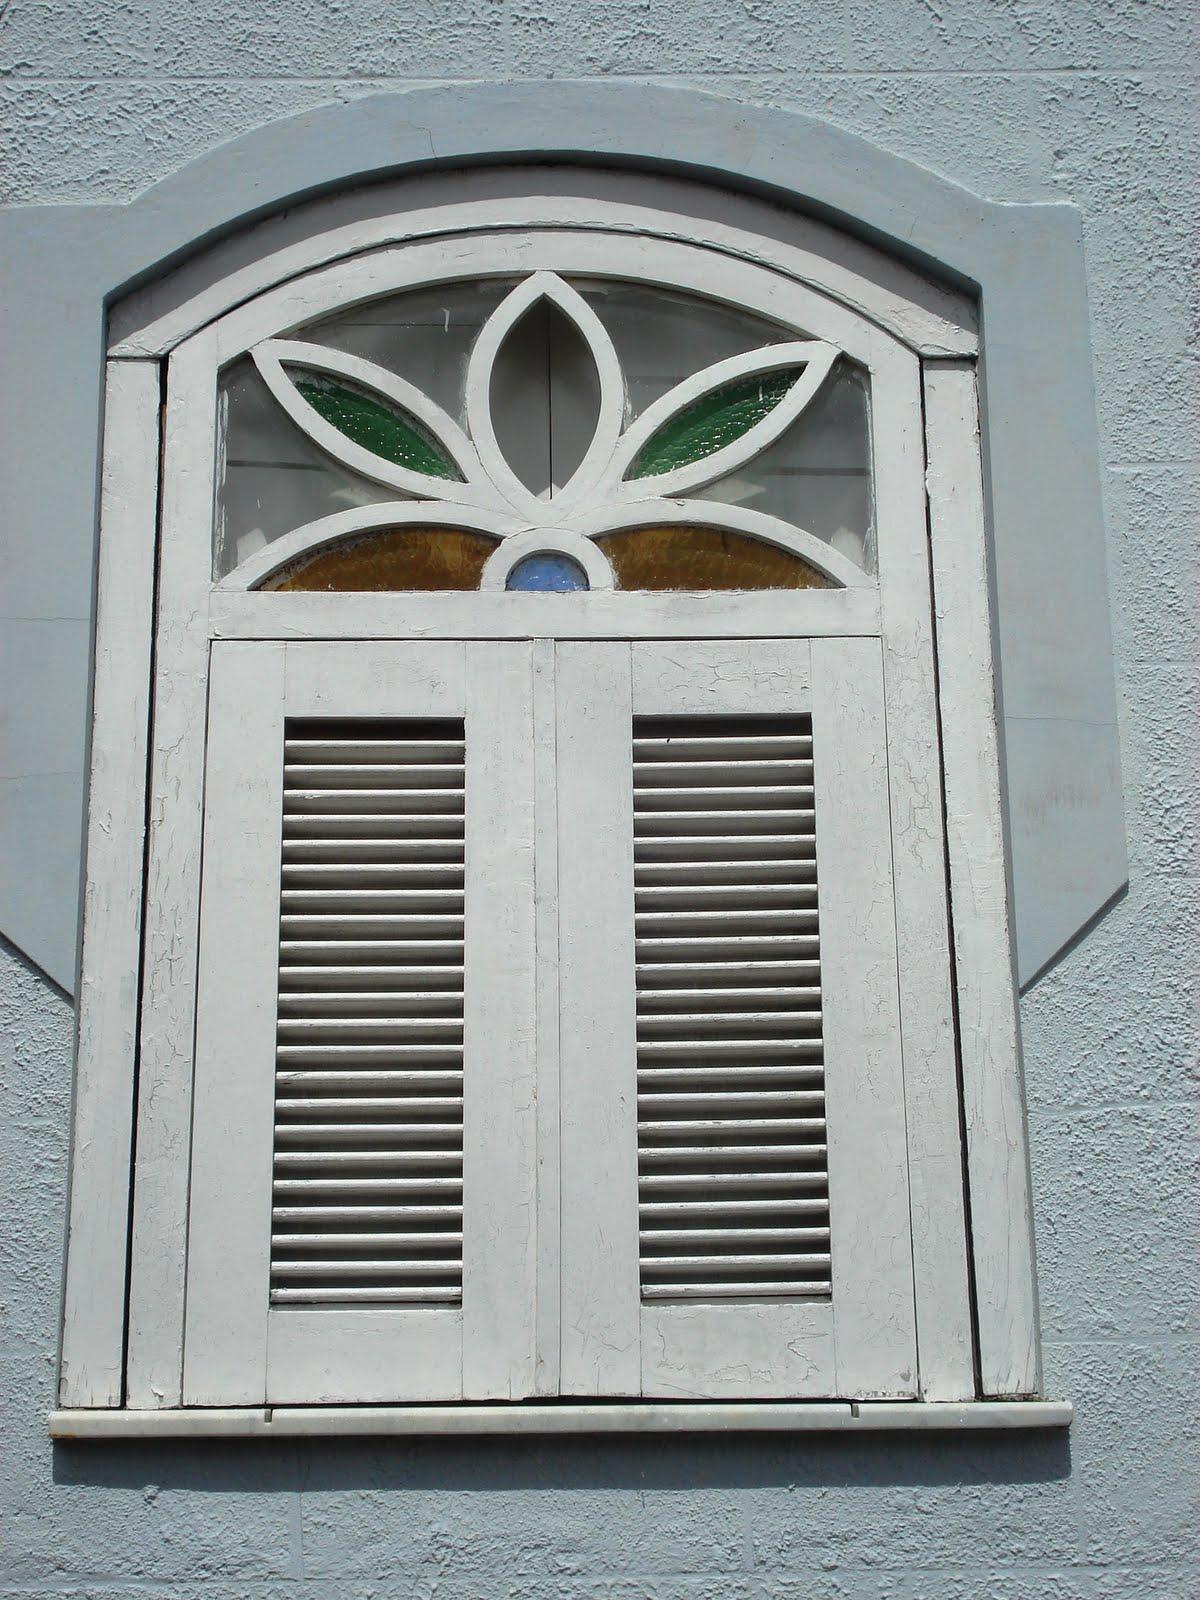 #5B4A35 KAKI AFONSO Arquitetura: Janelas da arquitetura piauiense: Amarante. 474 Janelas Duplas Madeira